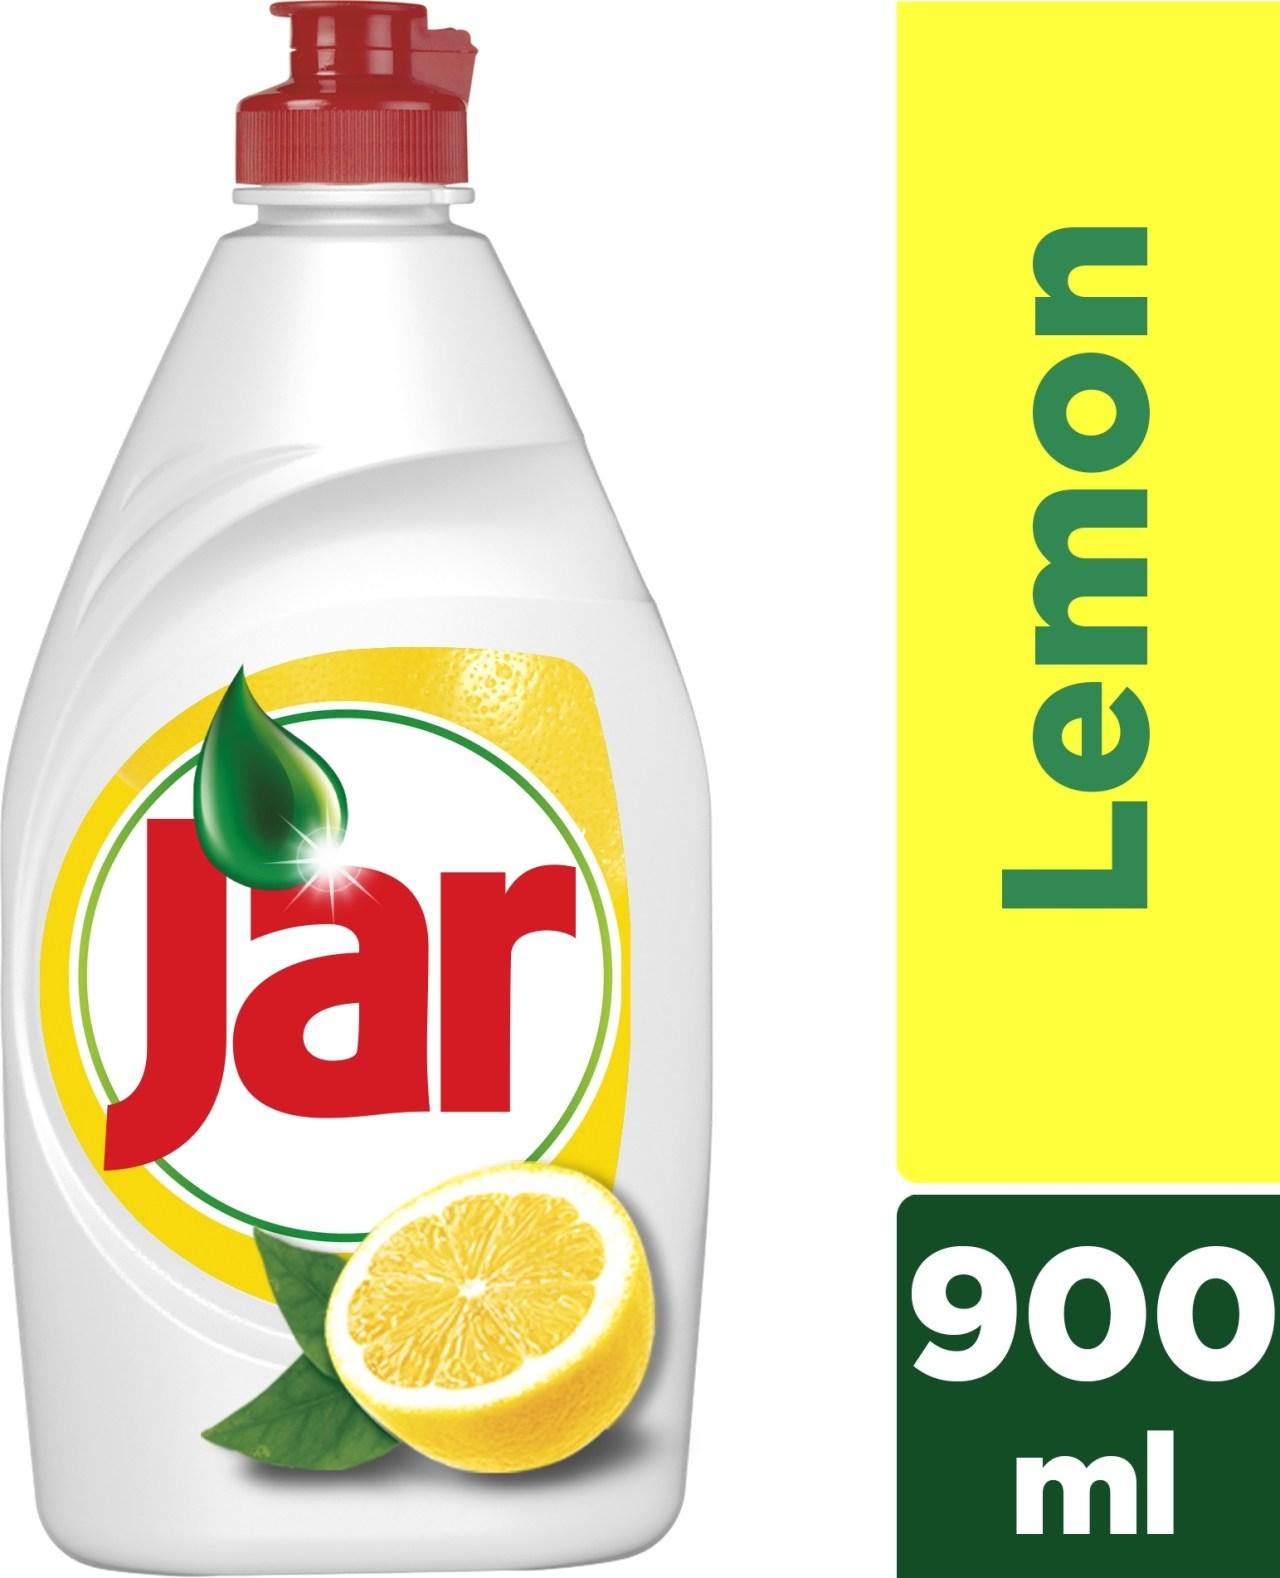 Procter   Gamble Jar 900ml od 1 87219be87af